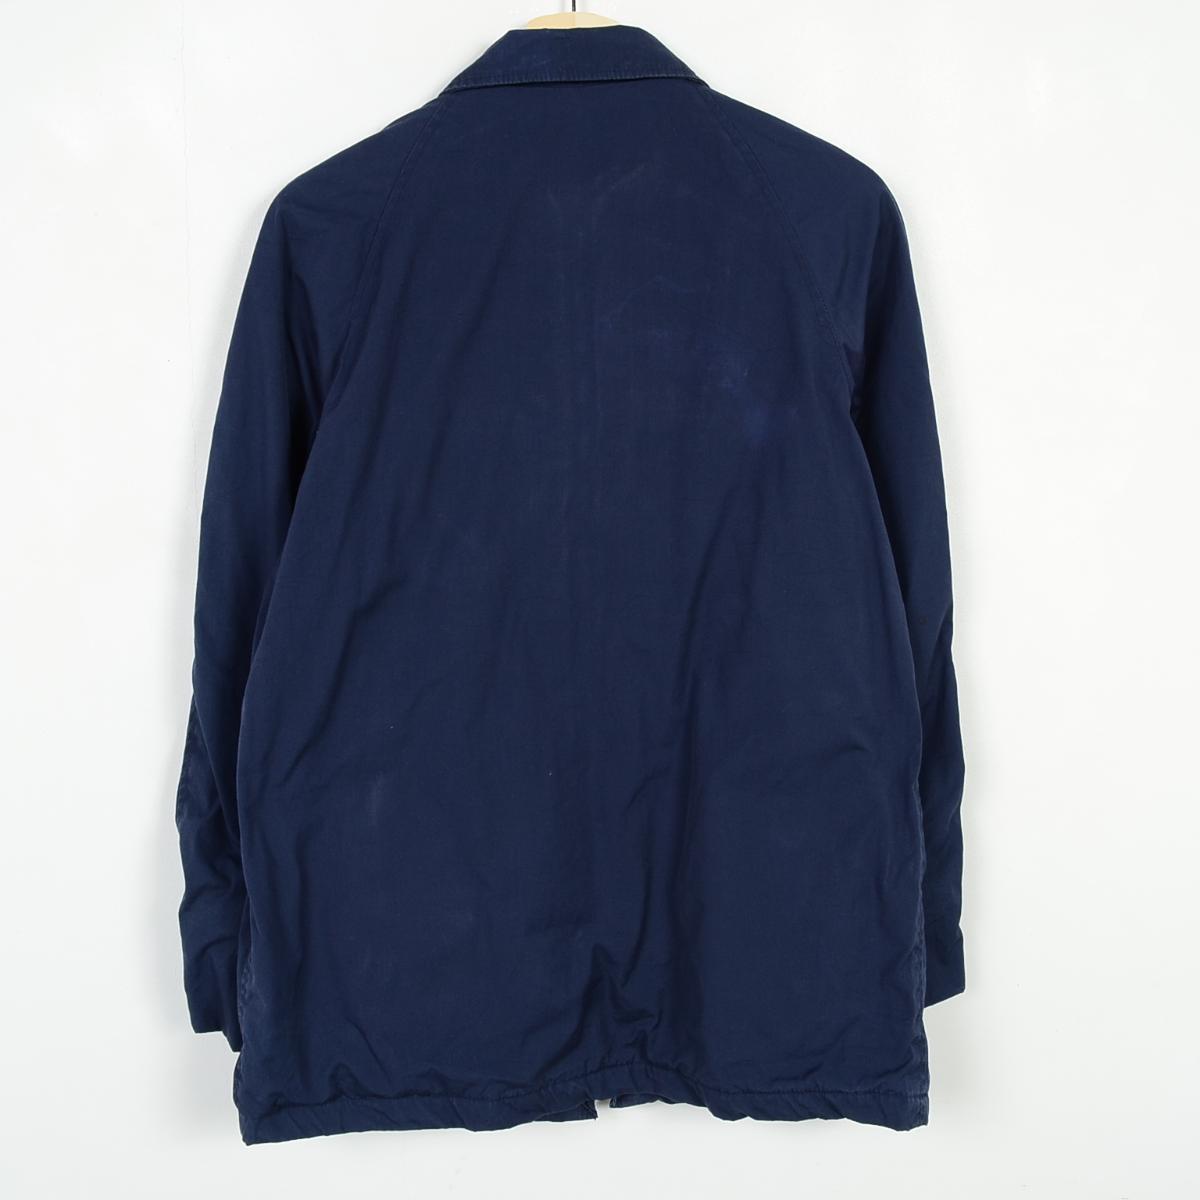 VINTAGE CLOTHING JAM   Rakuten Global Market: Deliver us real ...